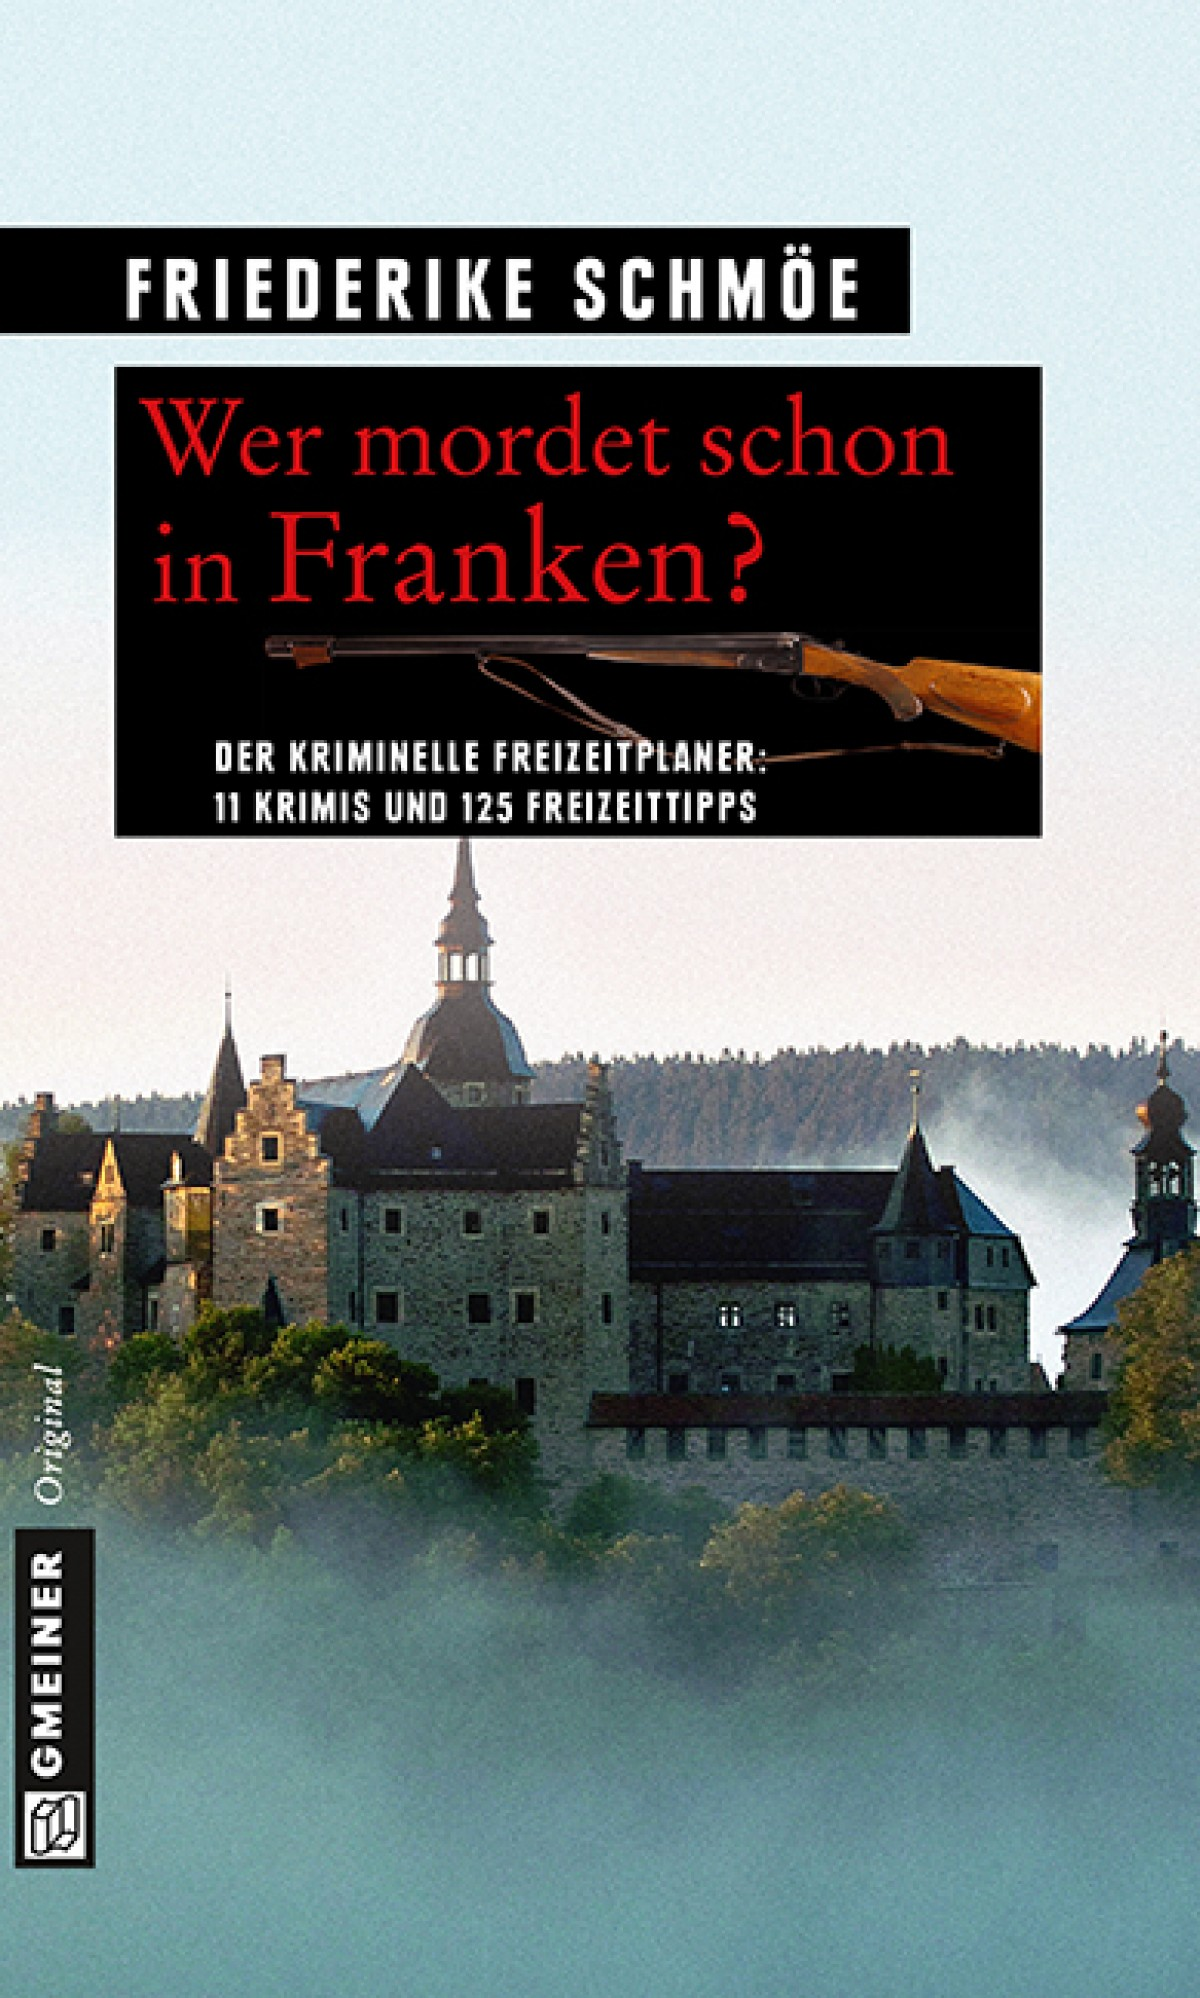 http://www.gmeiner-verlag.de/images/verlag/cover/print/9783839215074.jpg